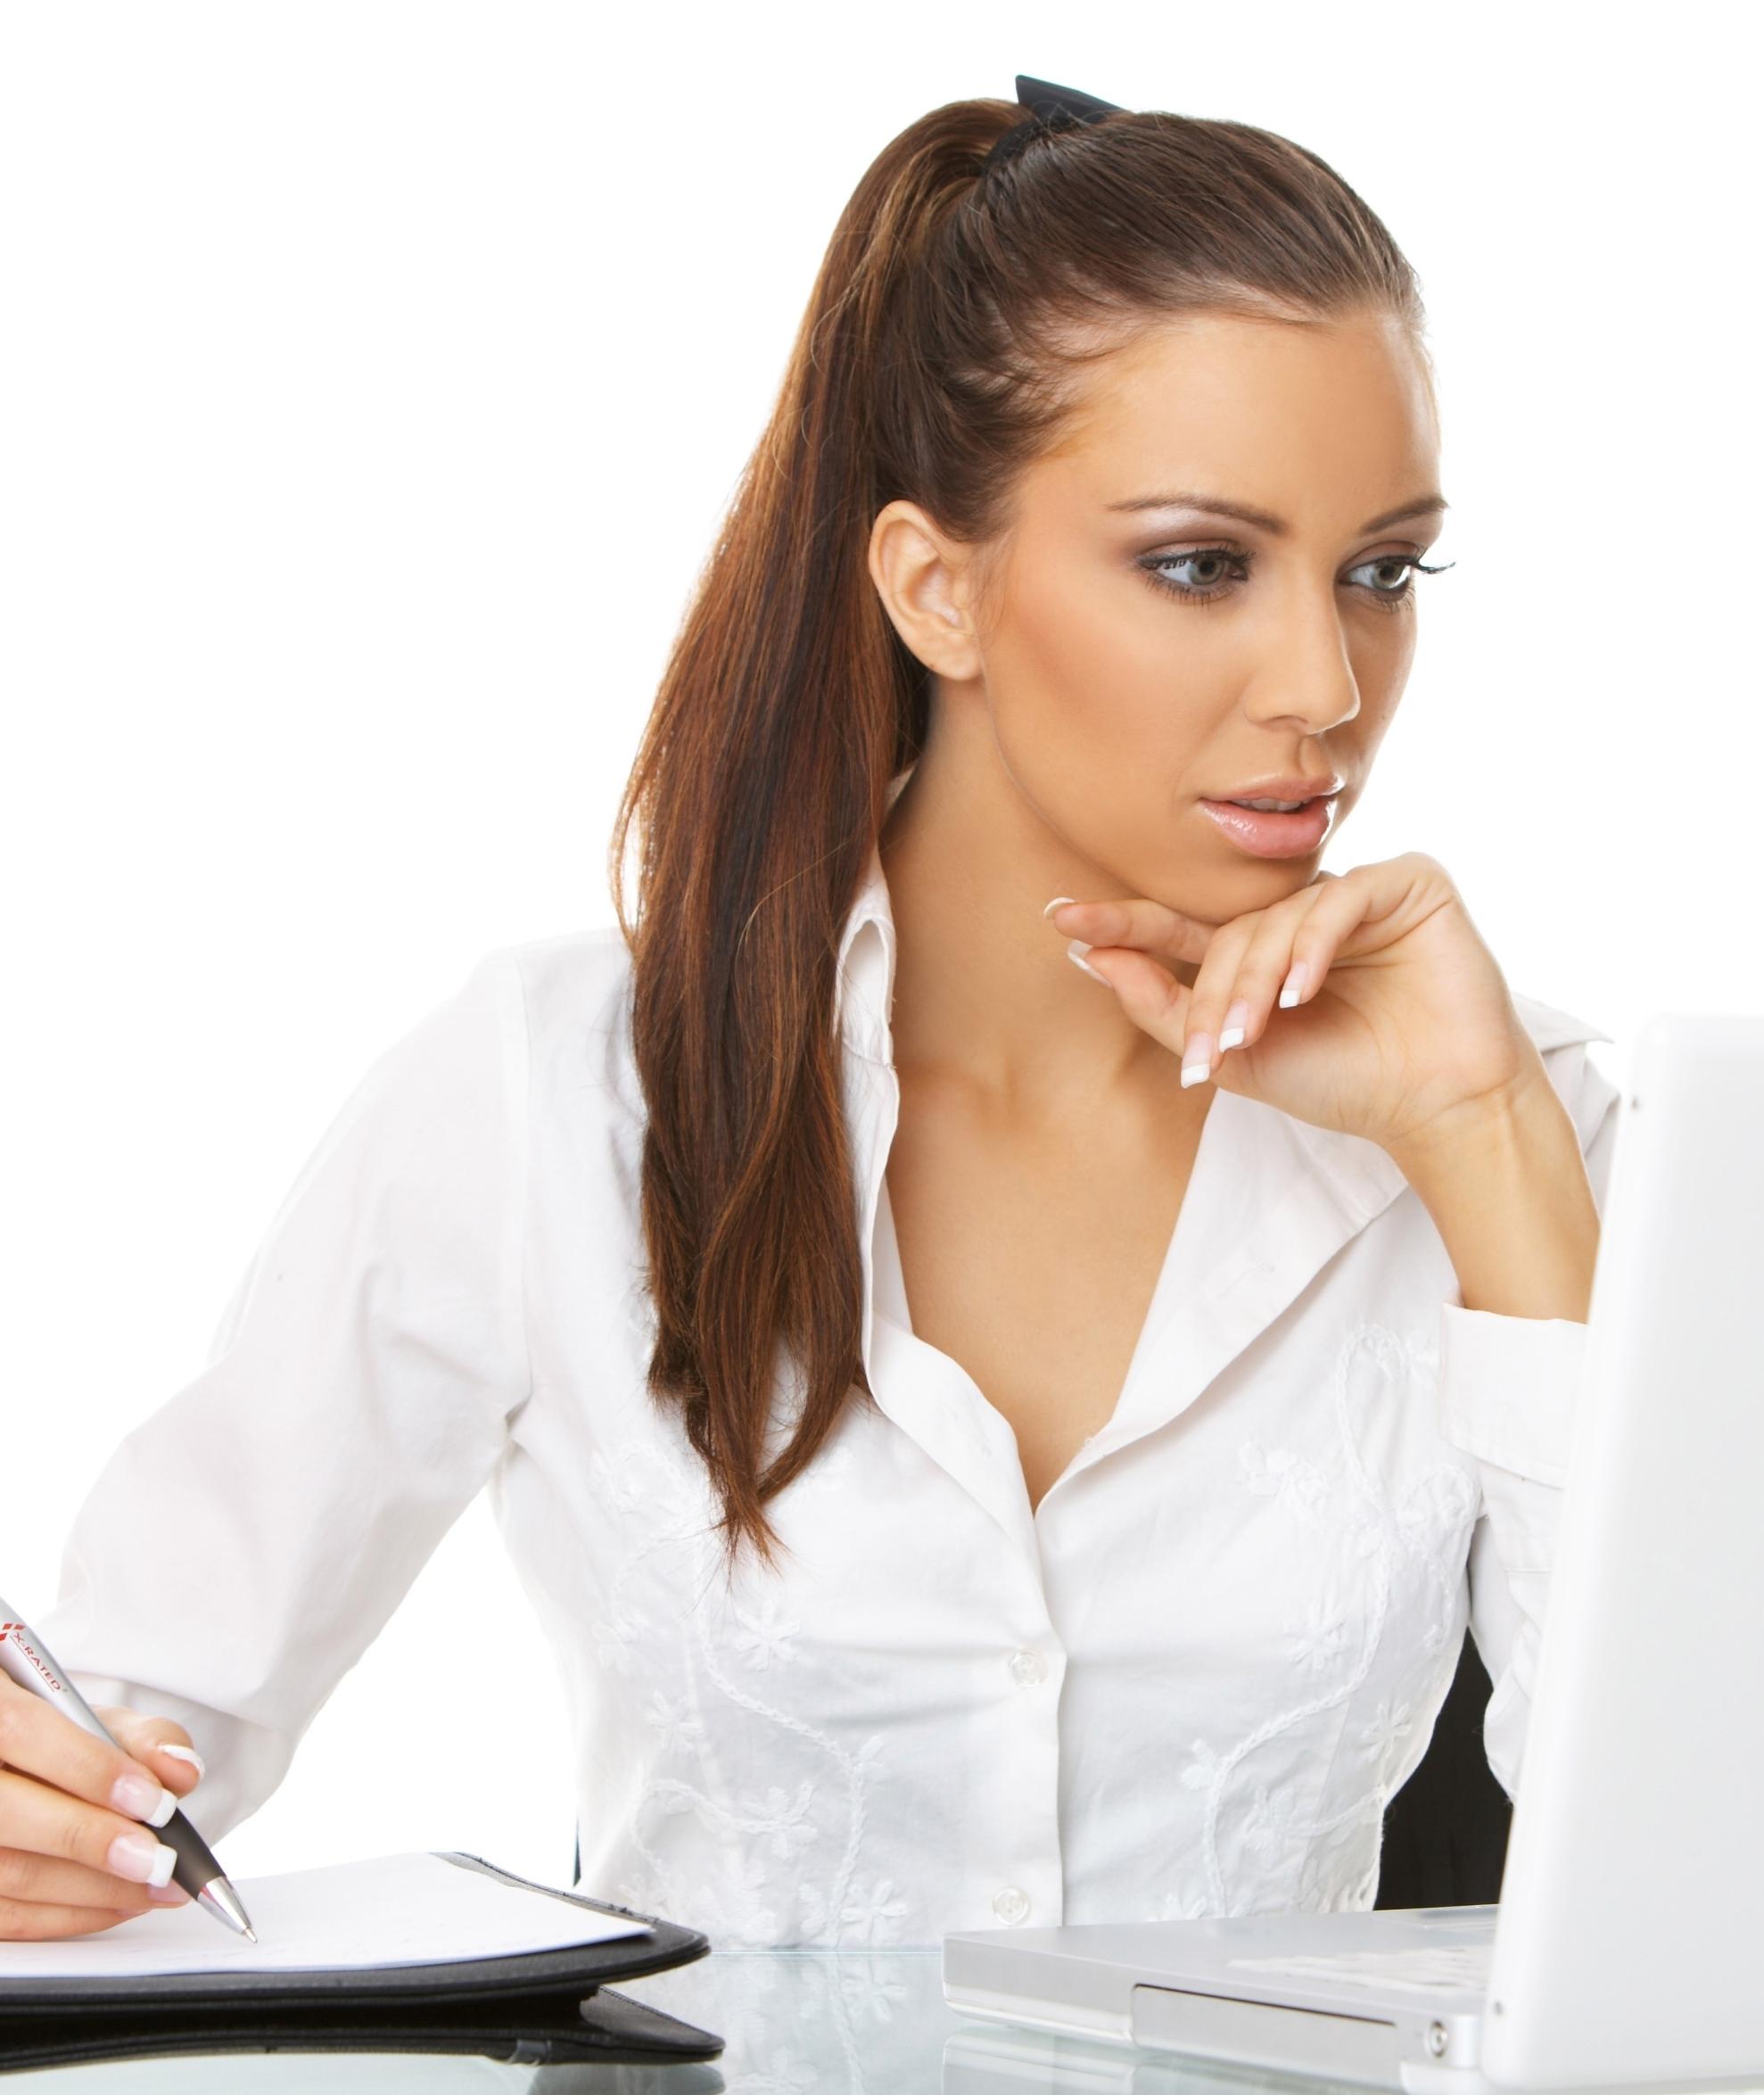 księgowość, rozliczenia , biuro rachunkowe Progress